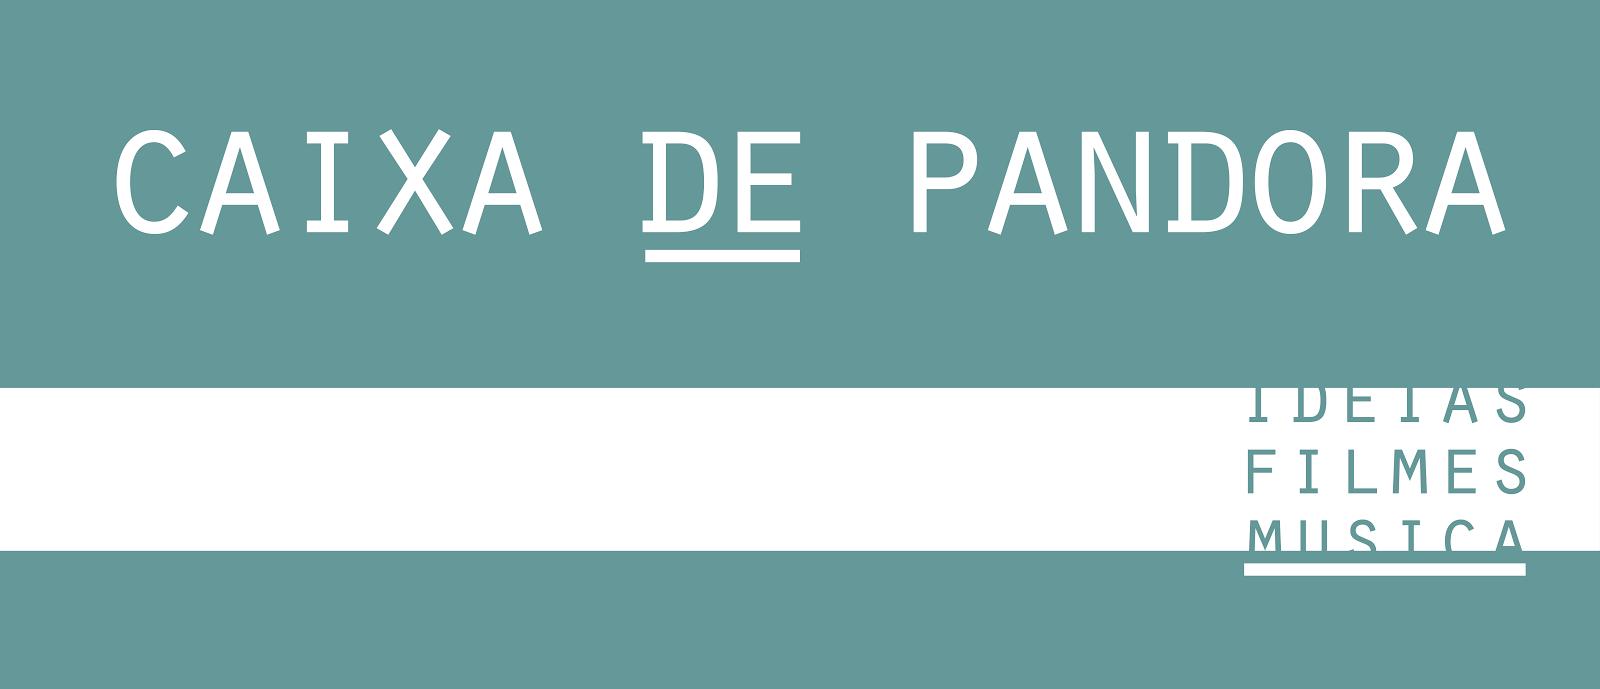 /Caixa de Pandora/